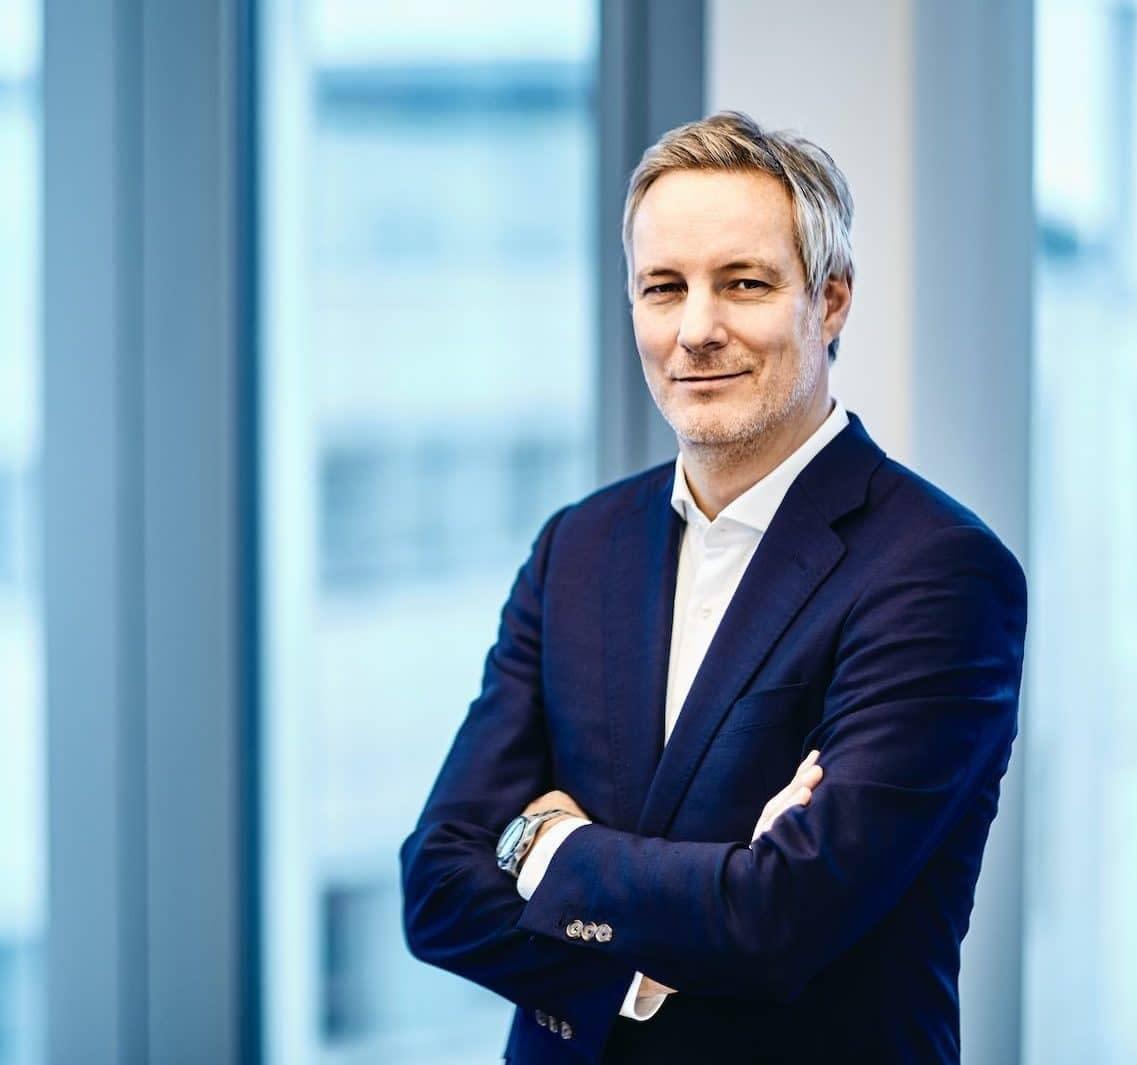 Ulf Ziegler, Founder & Managing Partner